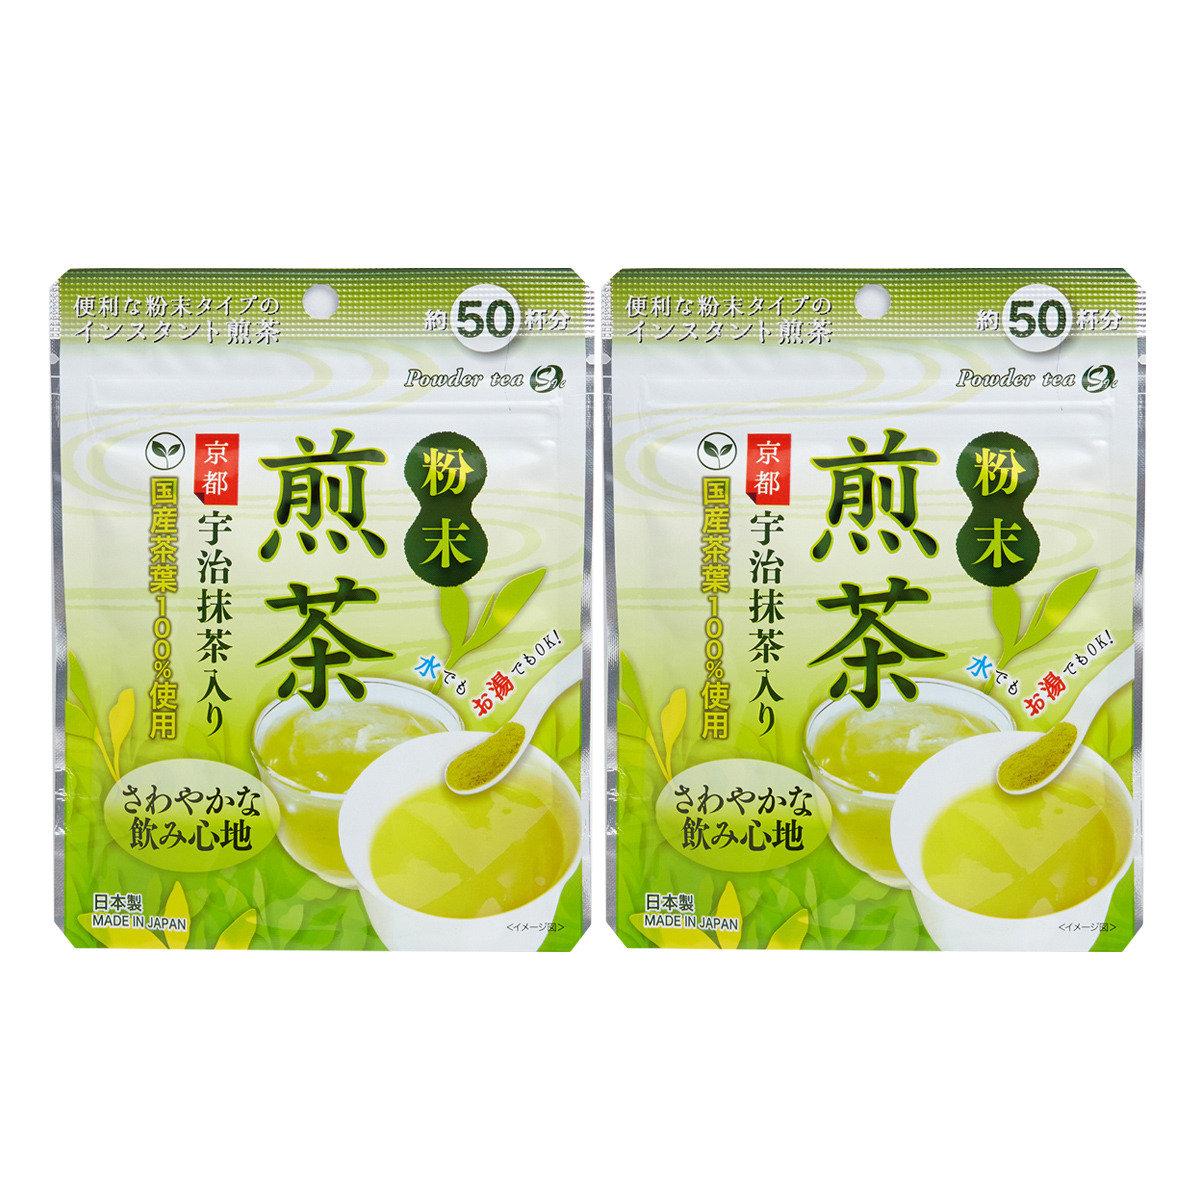 抹茶煎茶粉